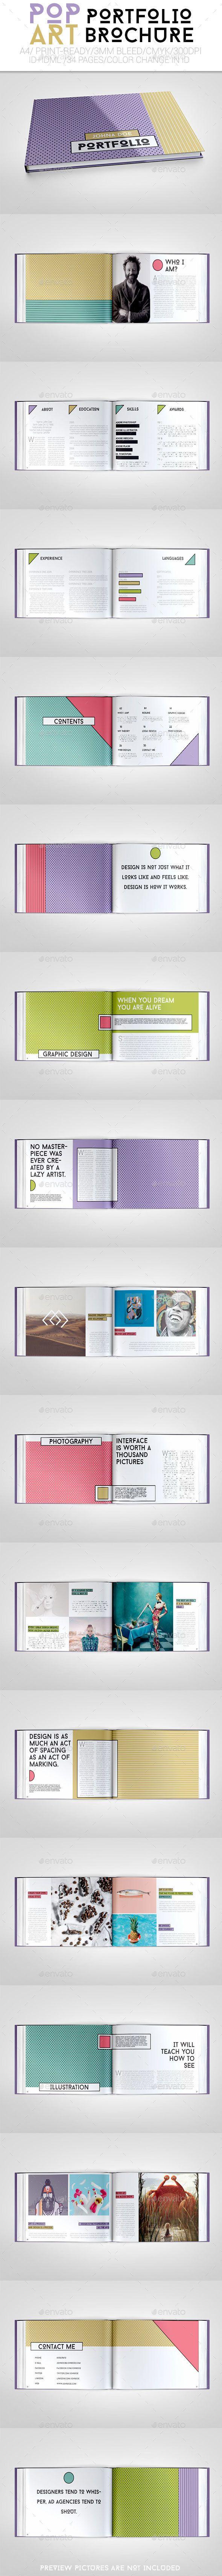 Pop Art Portfolio Brochure | Portafolio, Diseño editorial y Editorial